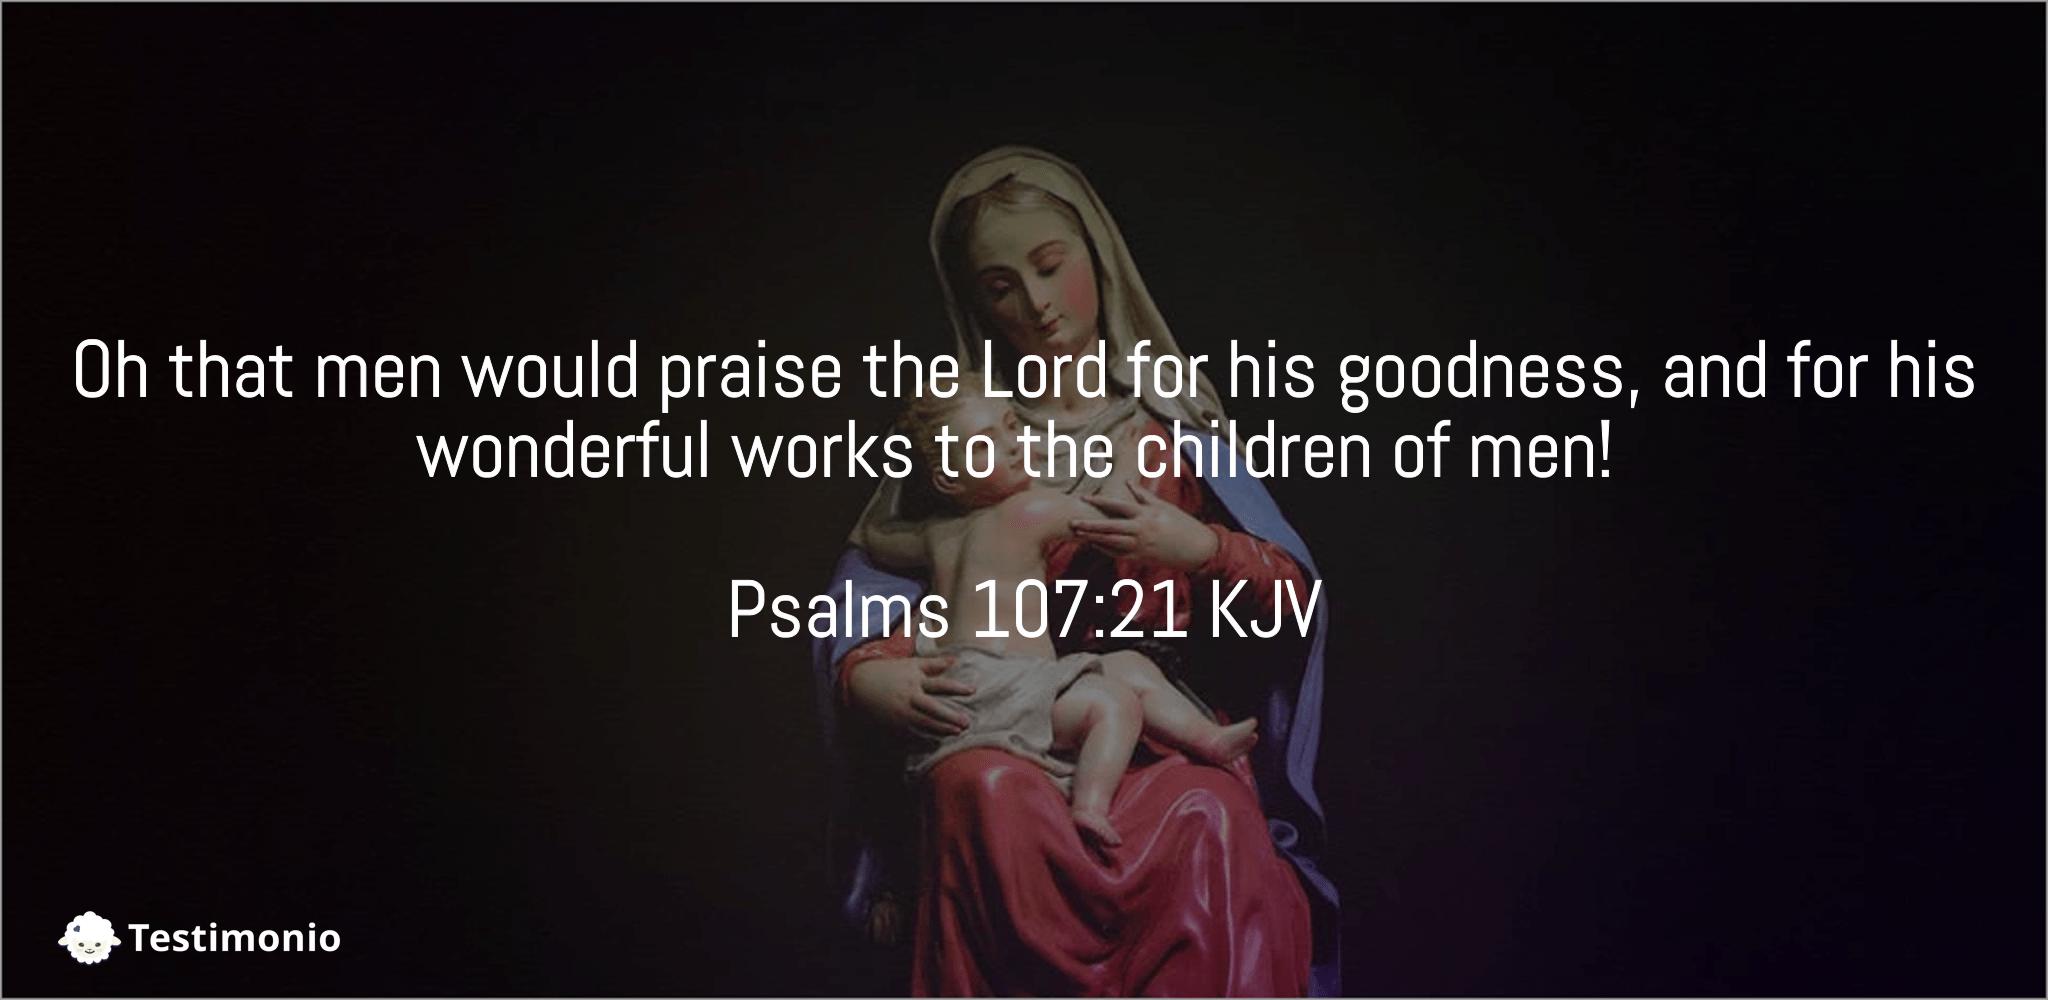 Psalms 107:21